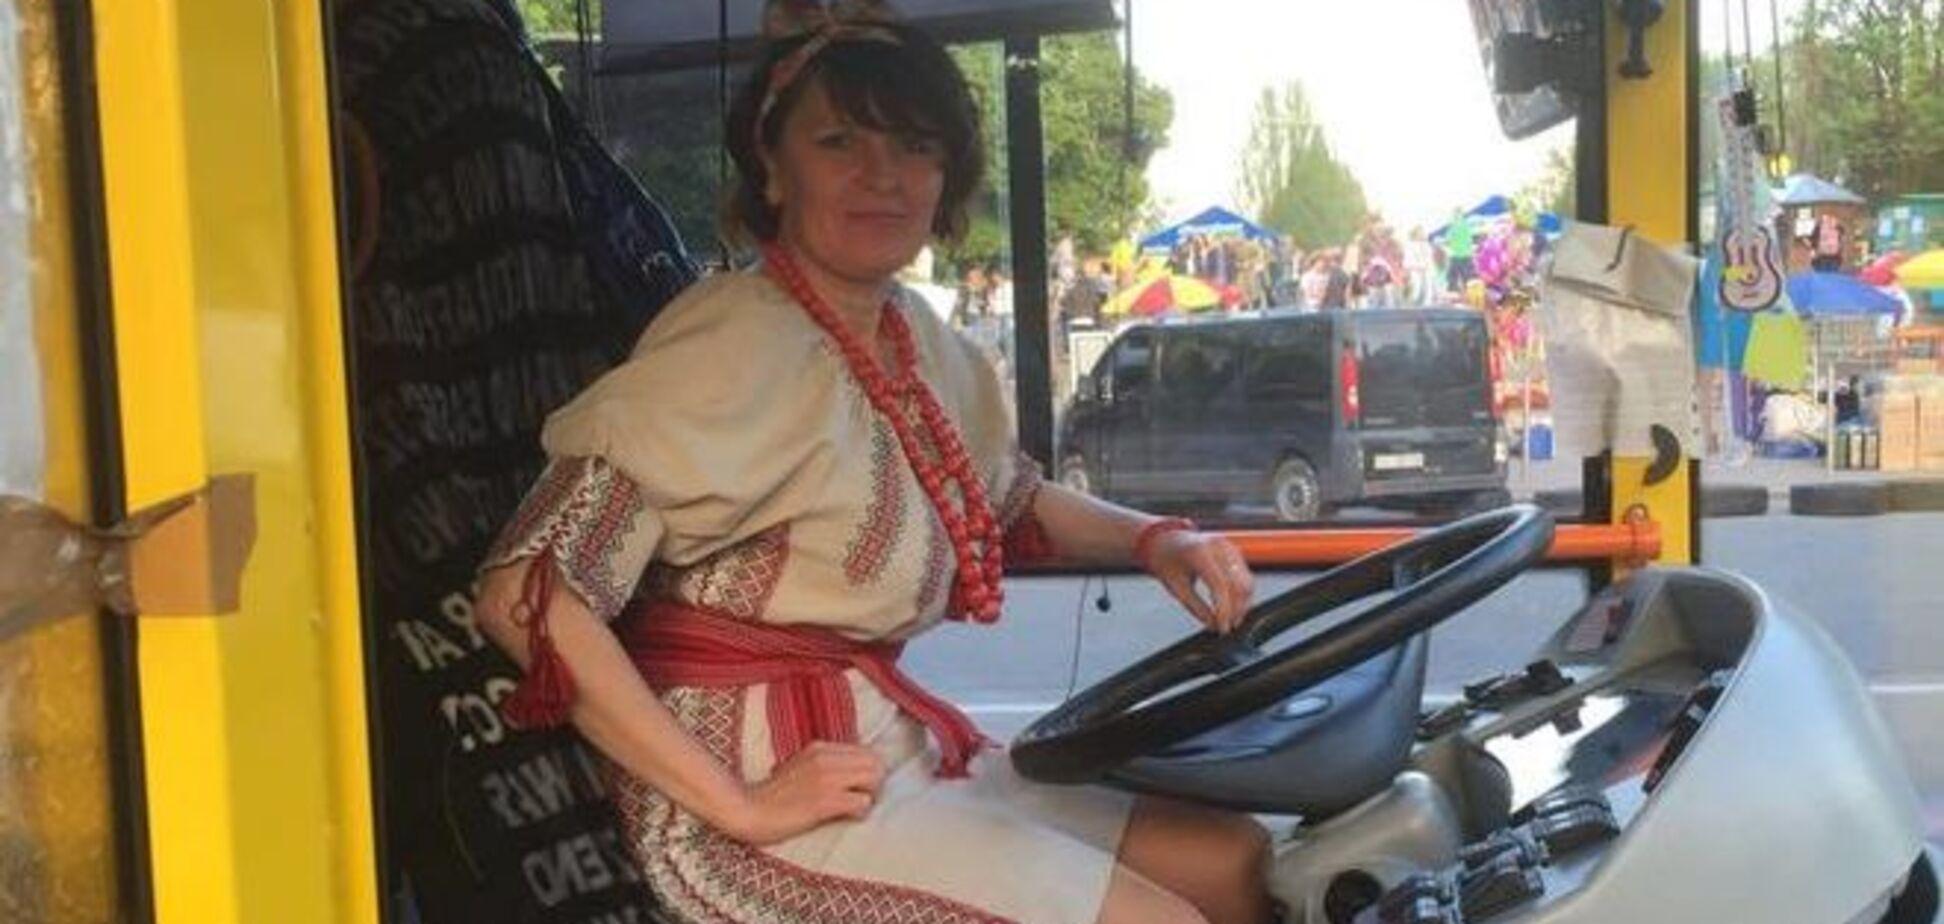 Водитель троллейбуса в украинском костюме взорвала сеть: фотофакт